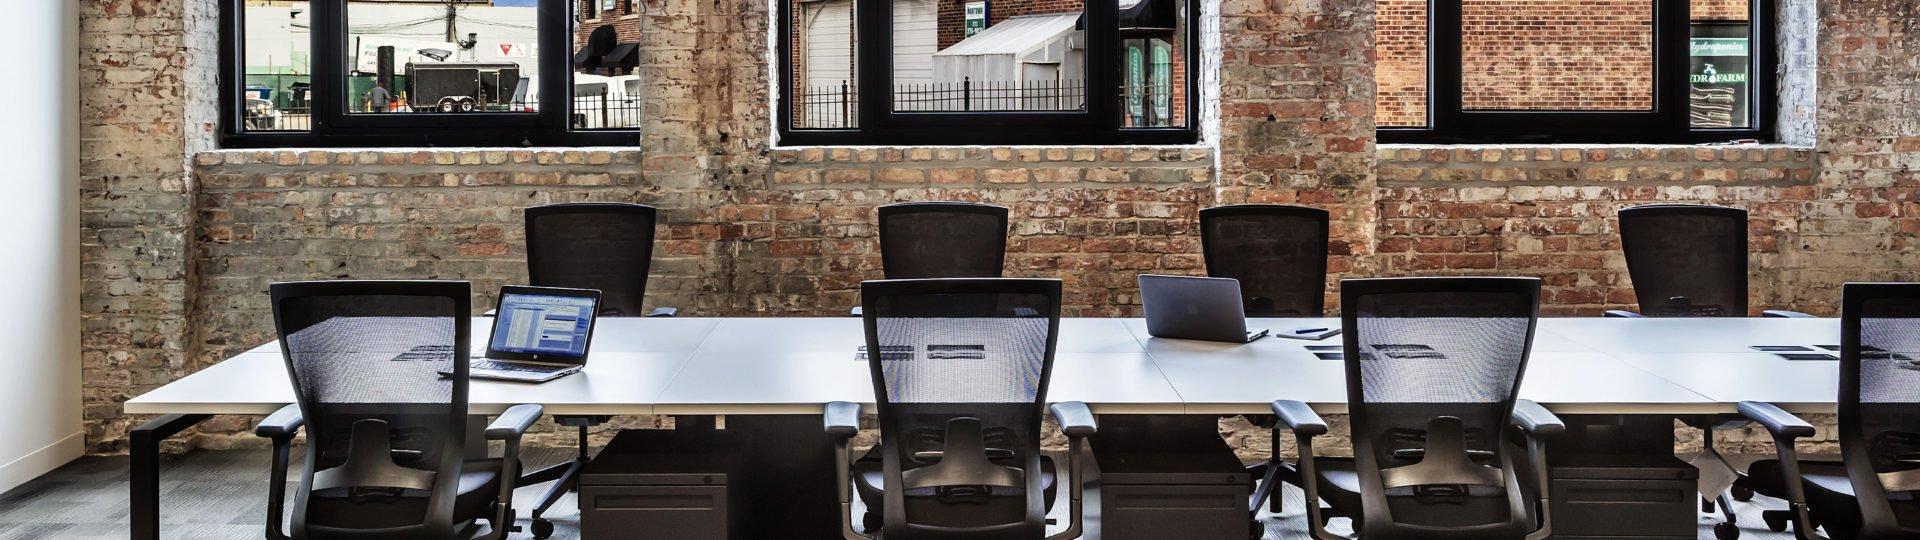 KI Benching For An Open Office